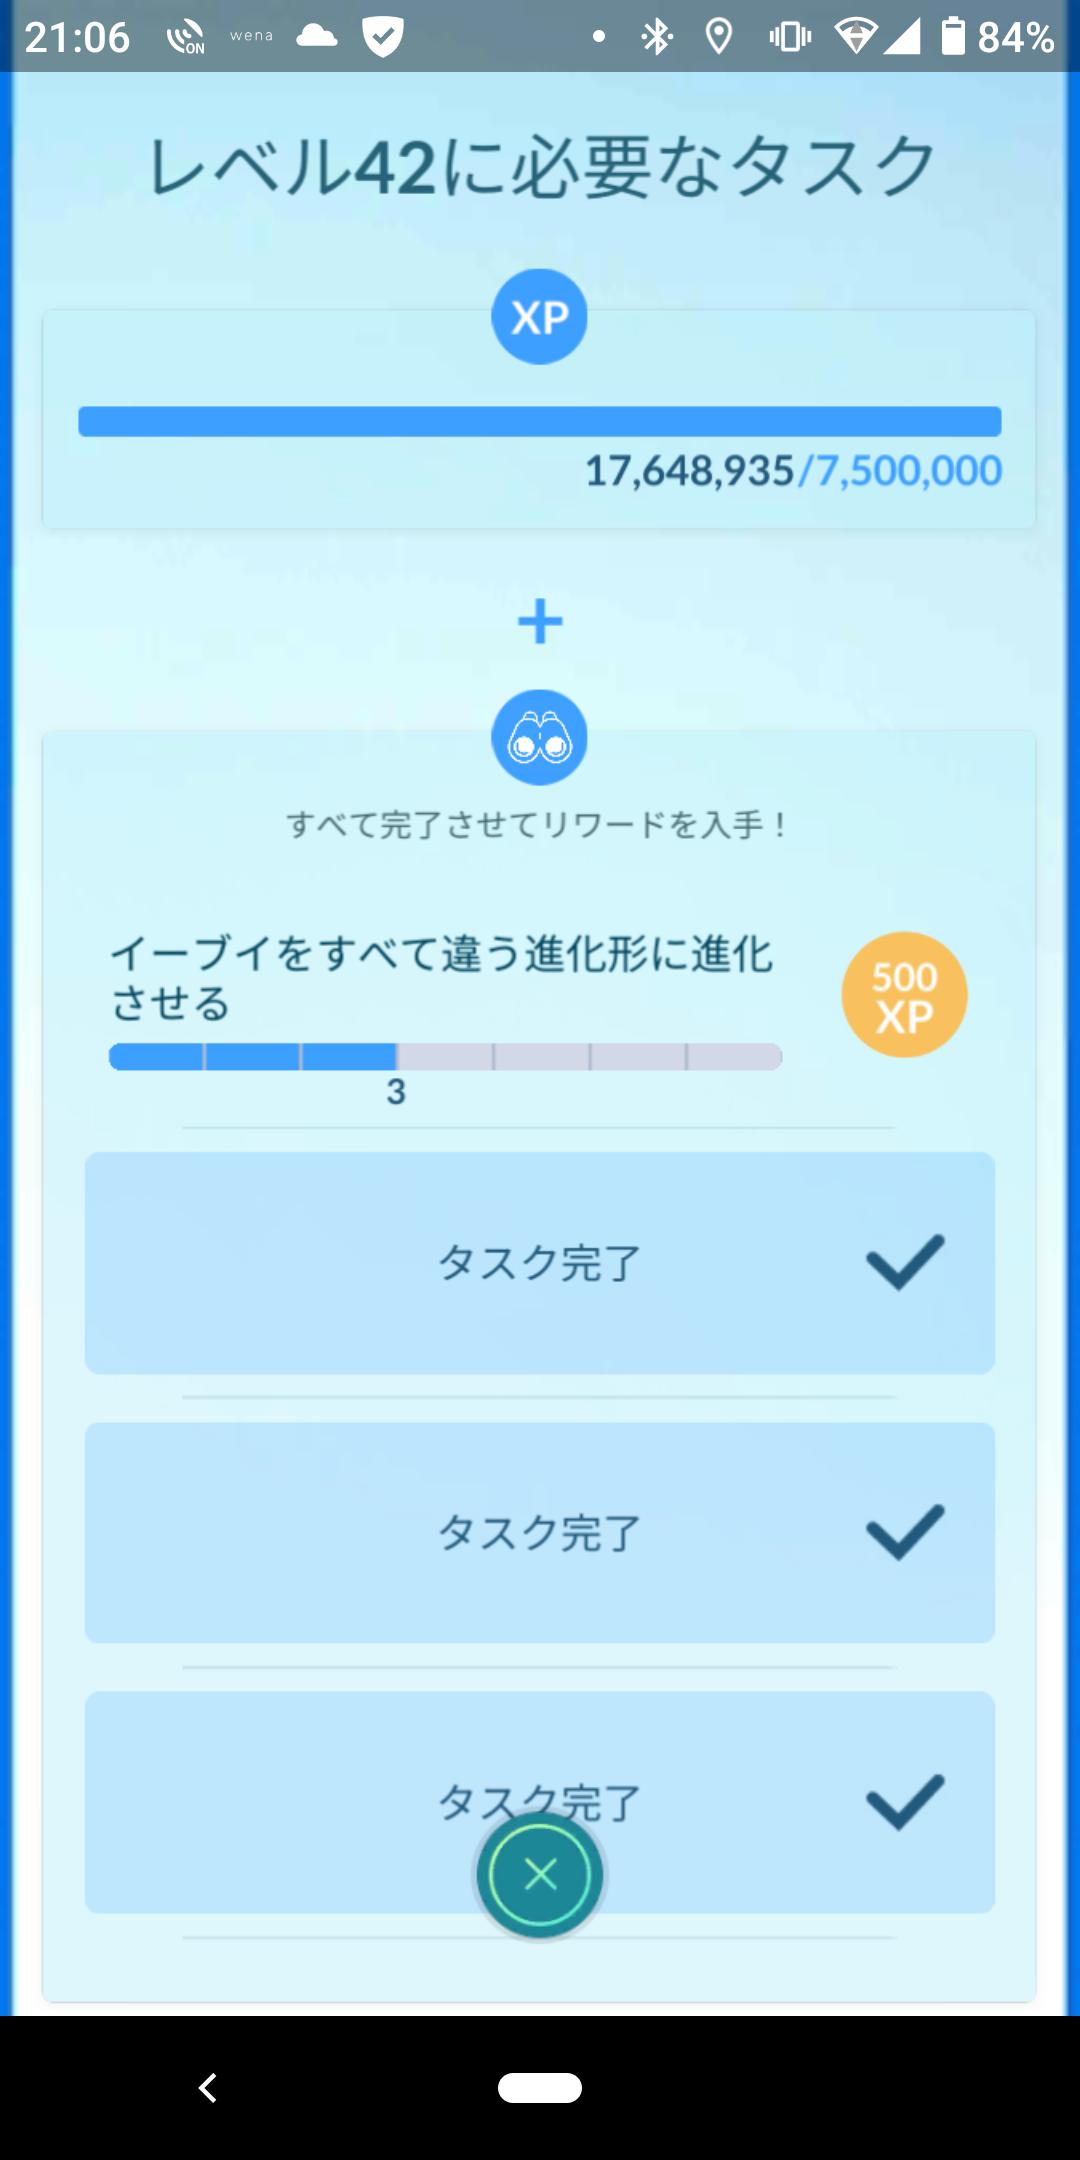 Pokemon GO Lv41 to Lv.42